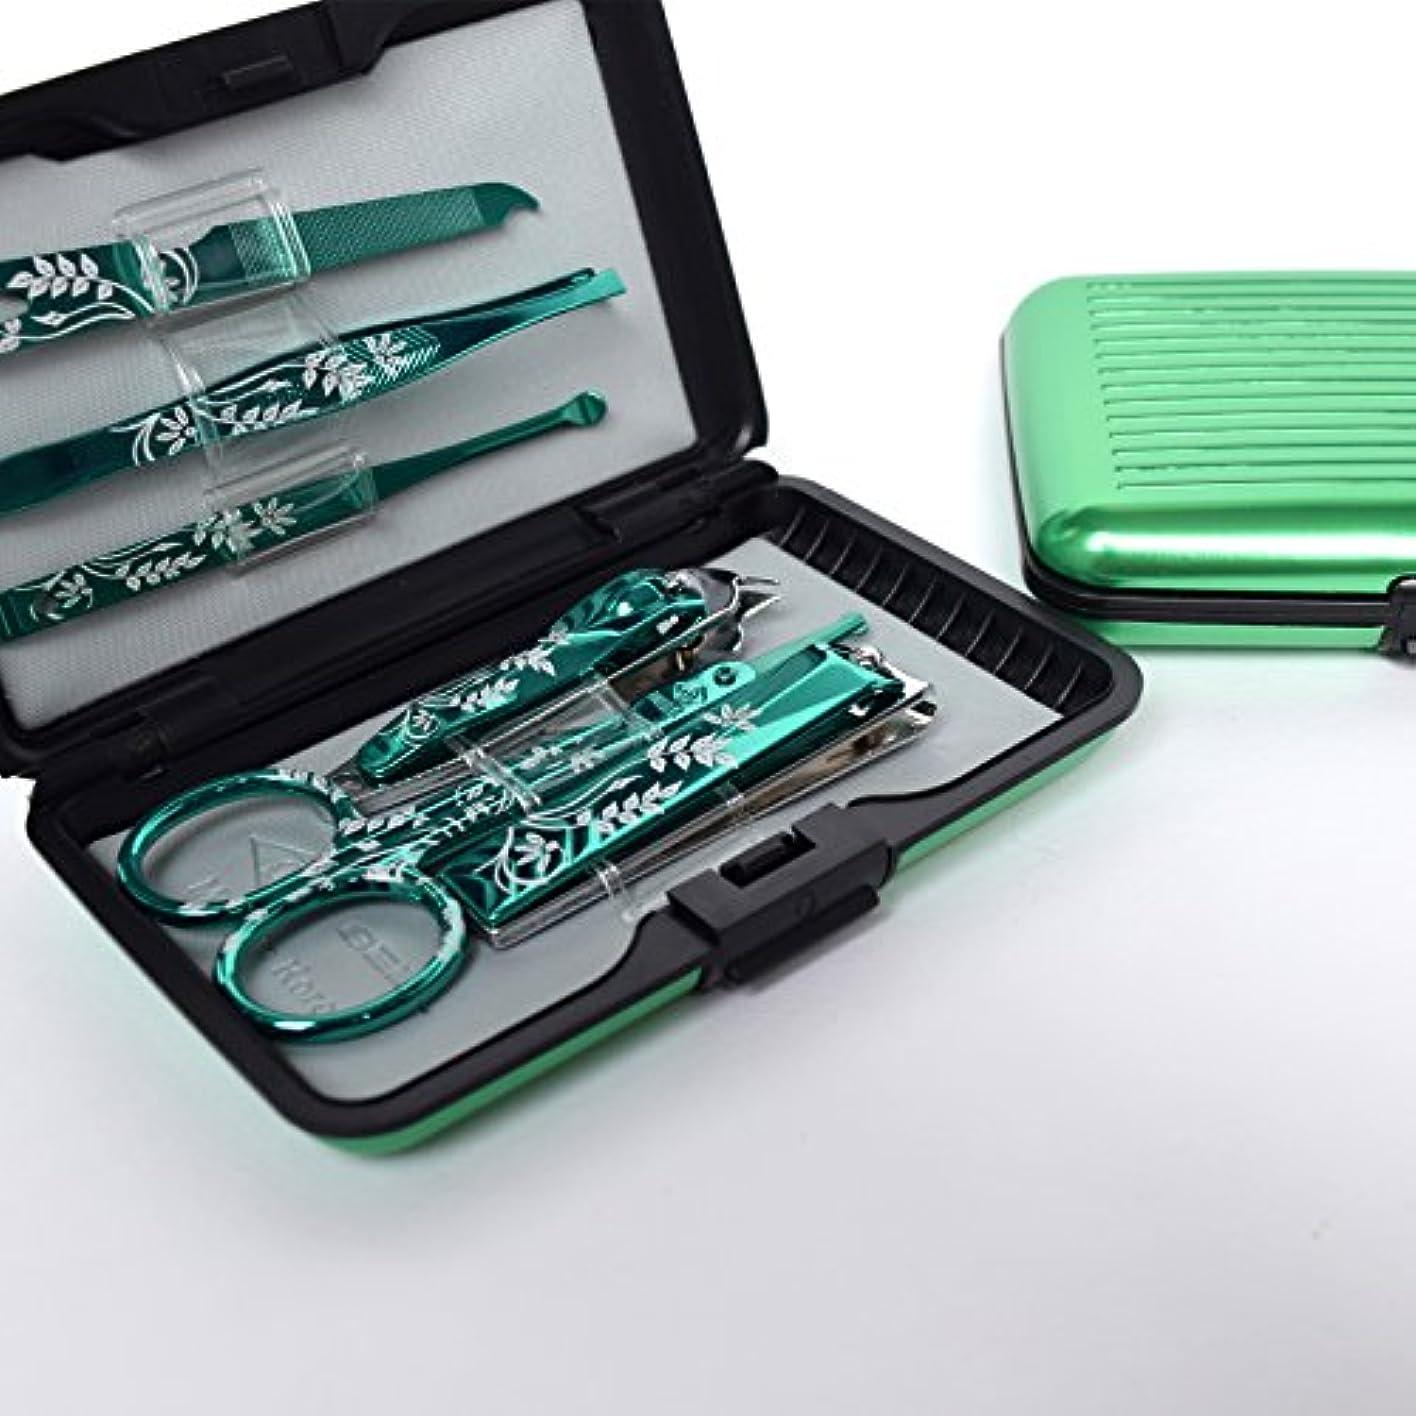 オーナメント計画偽善BELL Manicure Sets BM-800A ポータブル爪の管理セット 爪切りセット 高品質のネイルケアセット花モチーフのイラストデザイン Portable Nail Clippers Nail Care Set